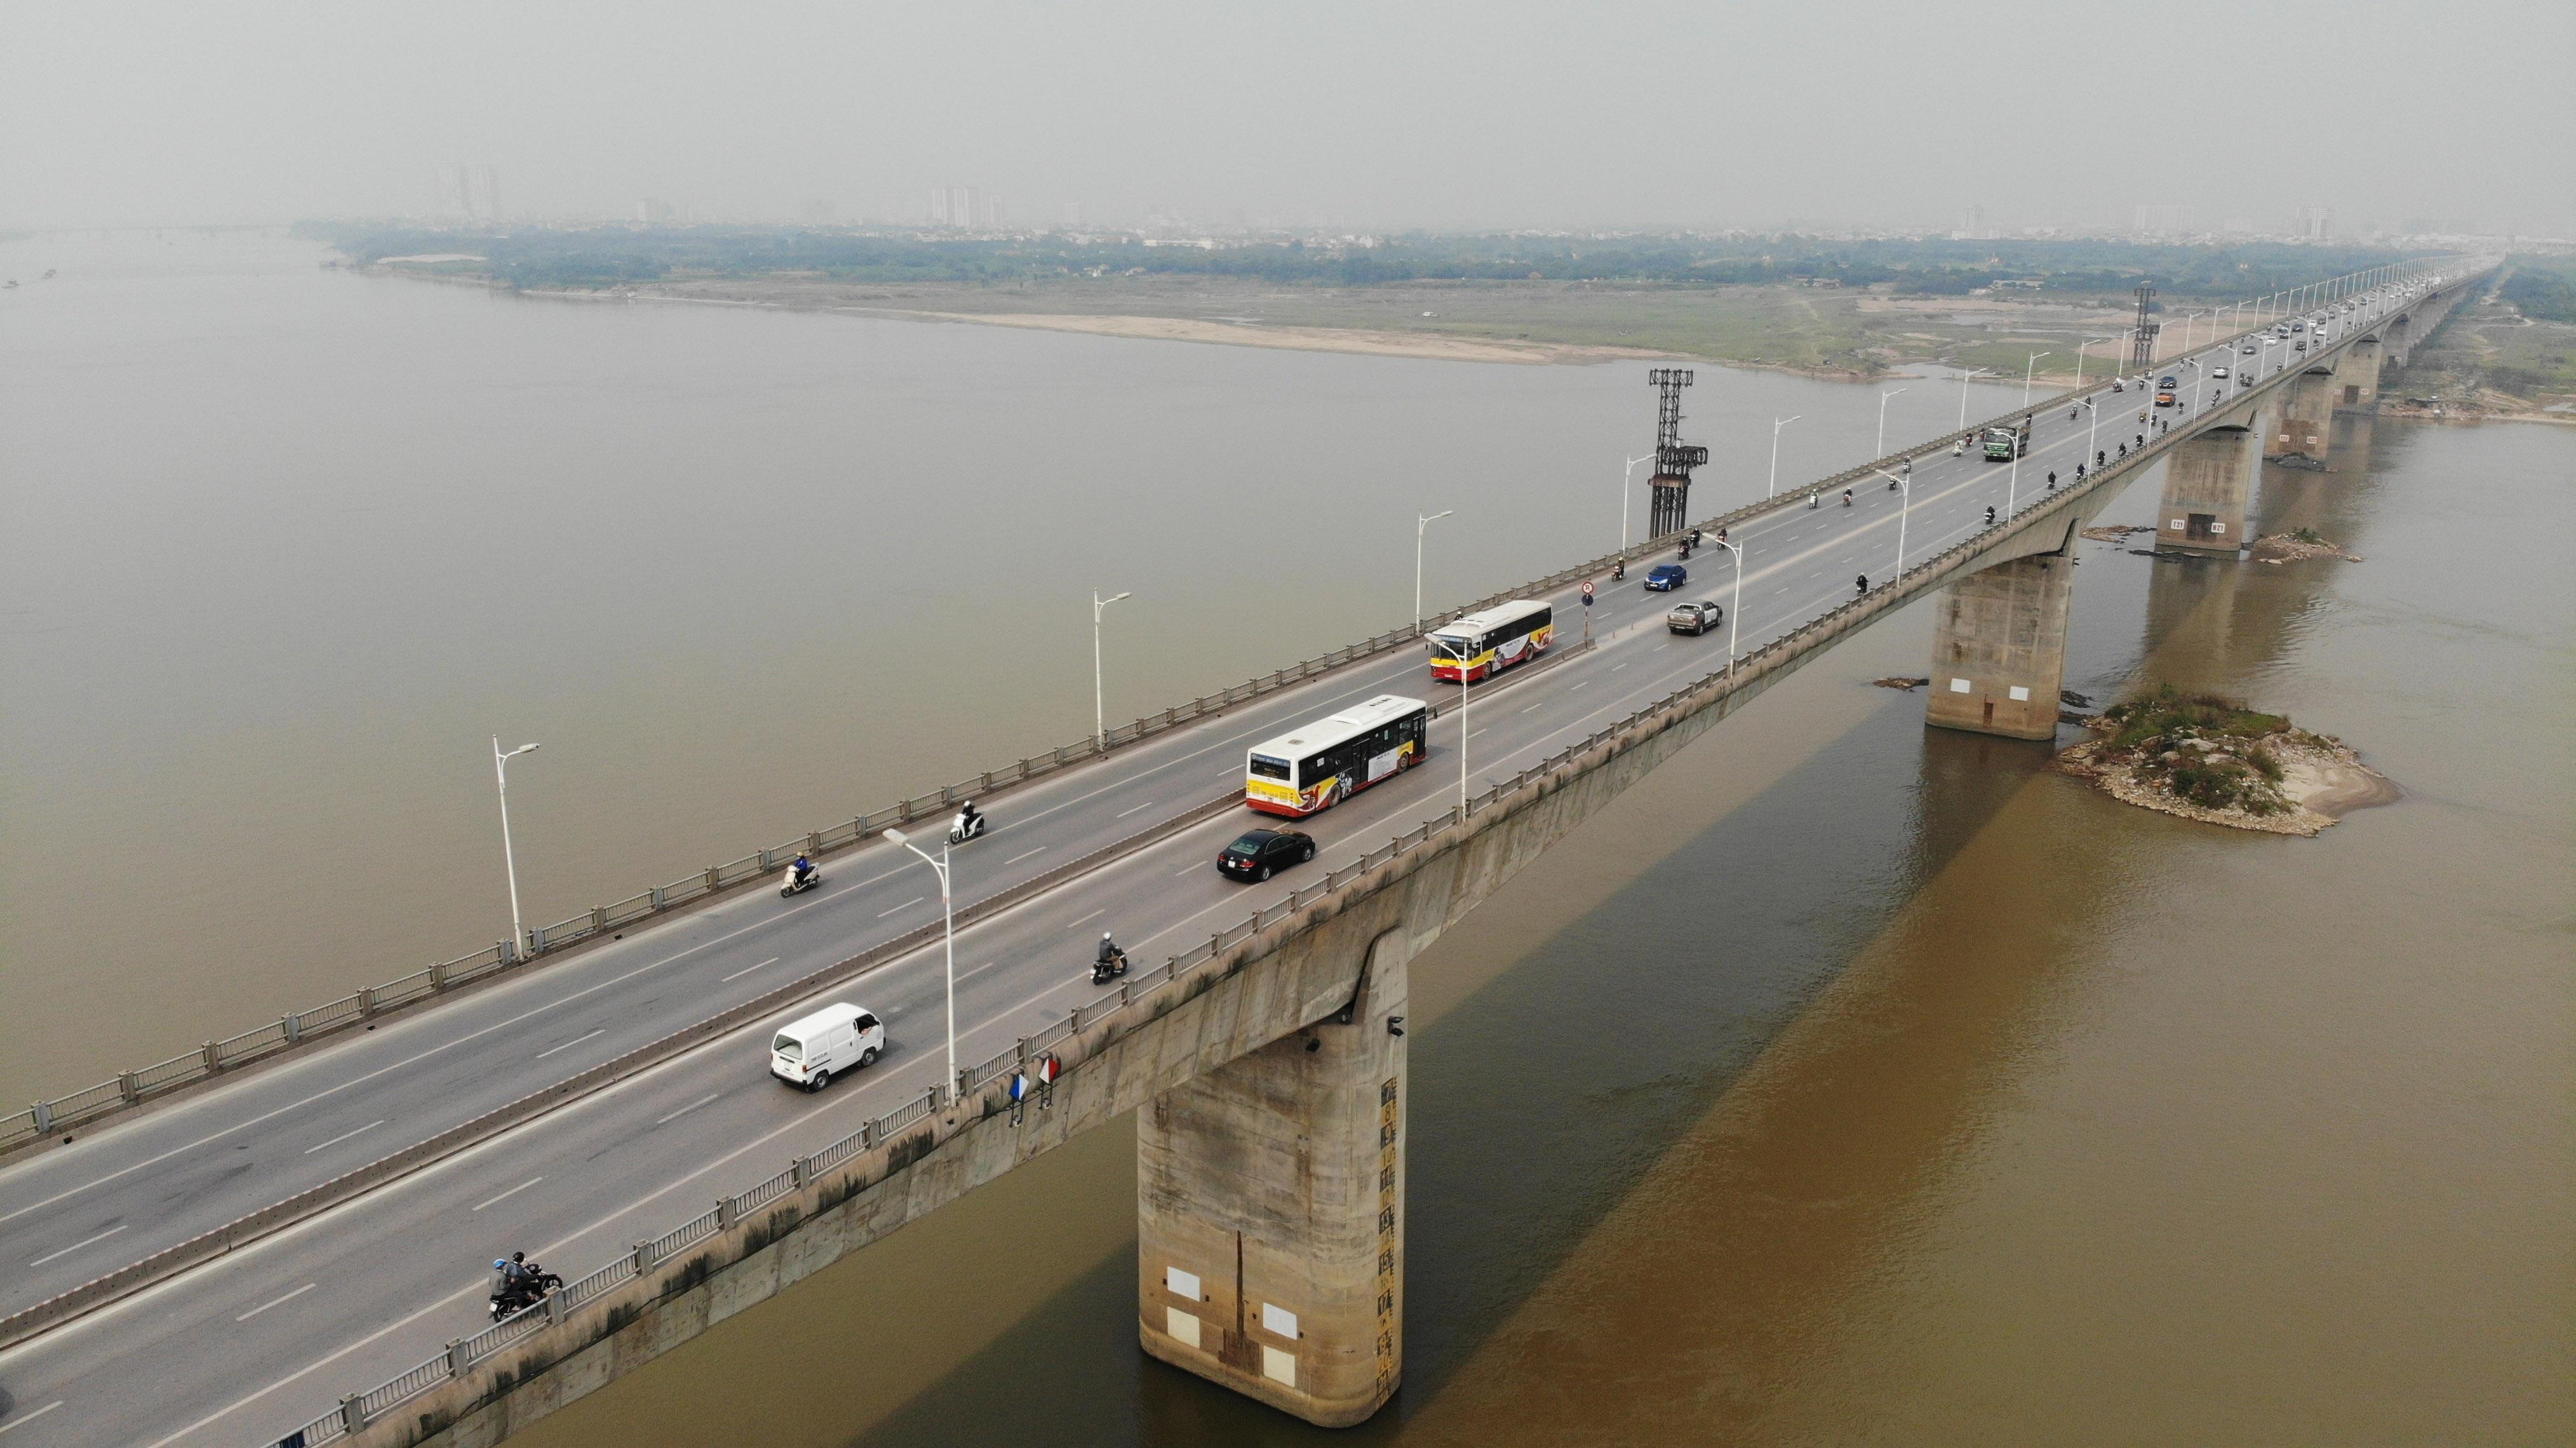 Toàn cảnh giao thông cầu Vĩnh Tuy trước khi xây cầu Vĩnh Tuy 2 - 16